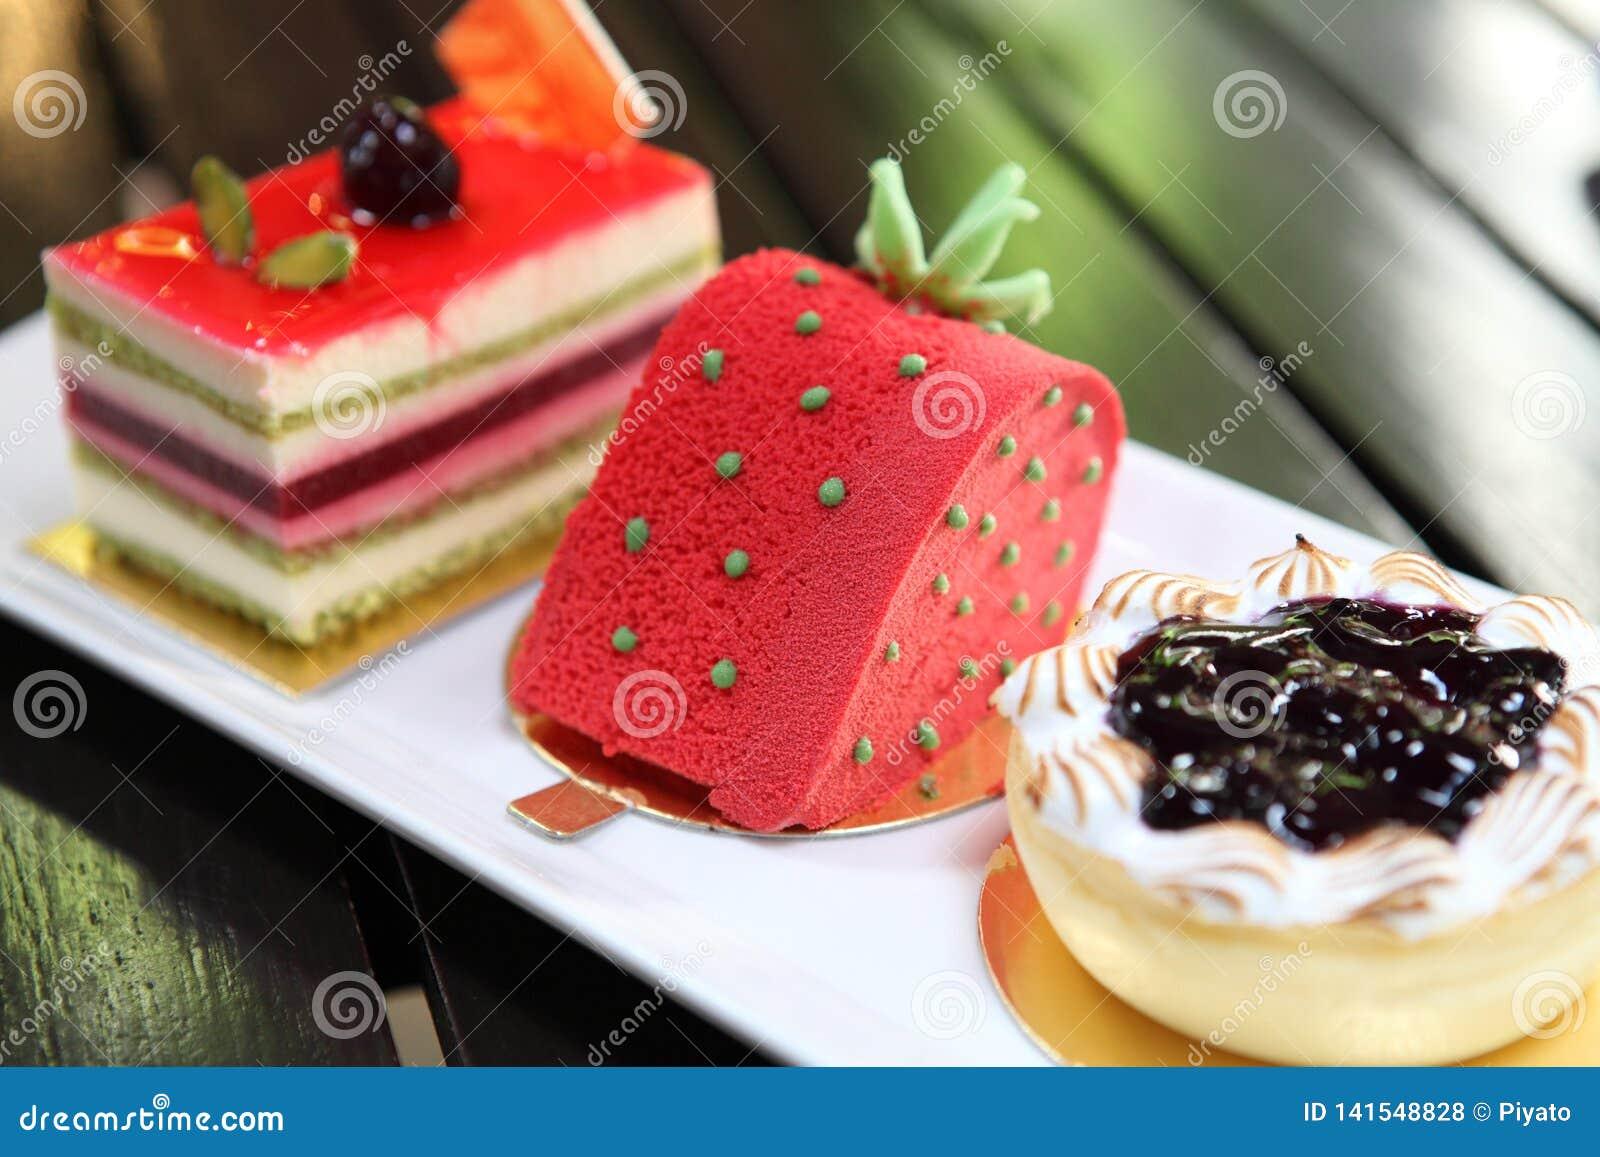 Färgglad fruktkaka